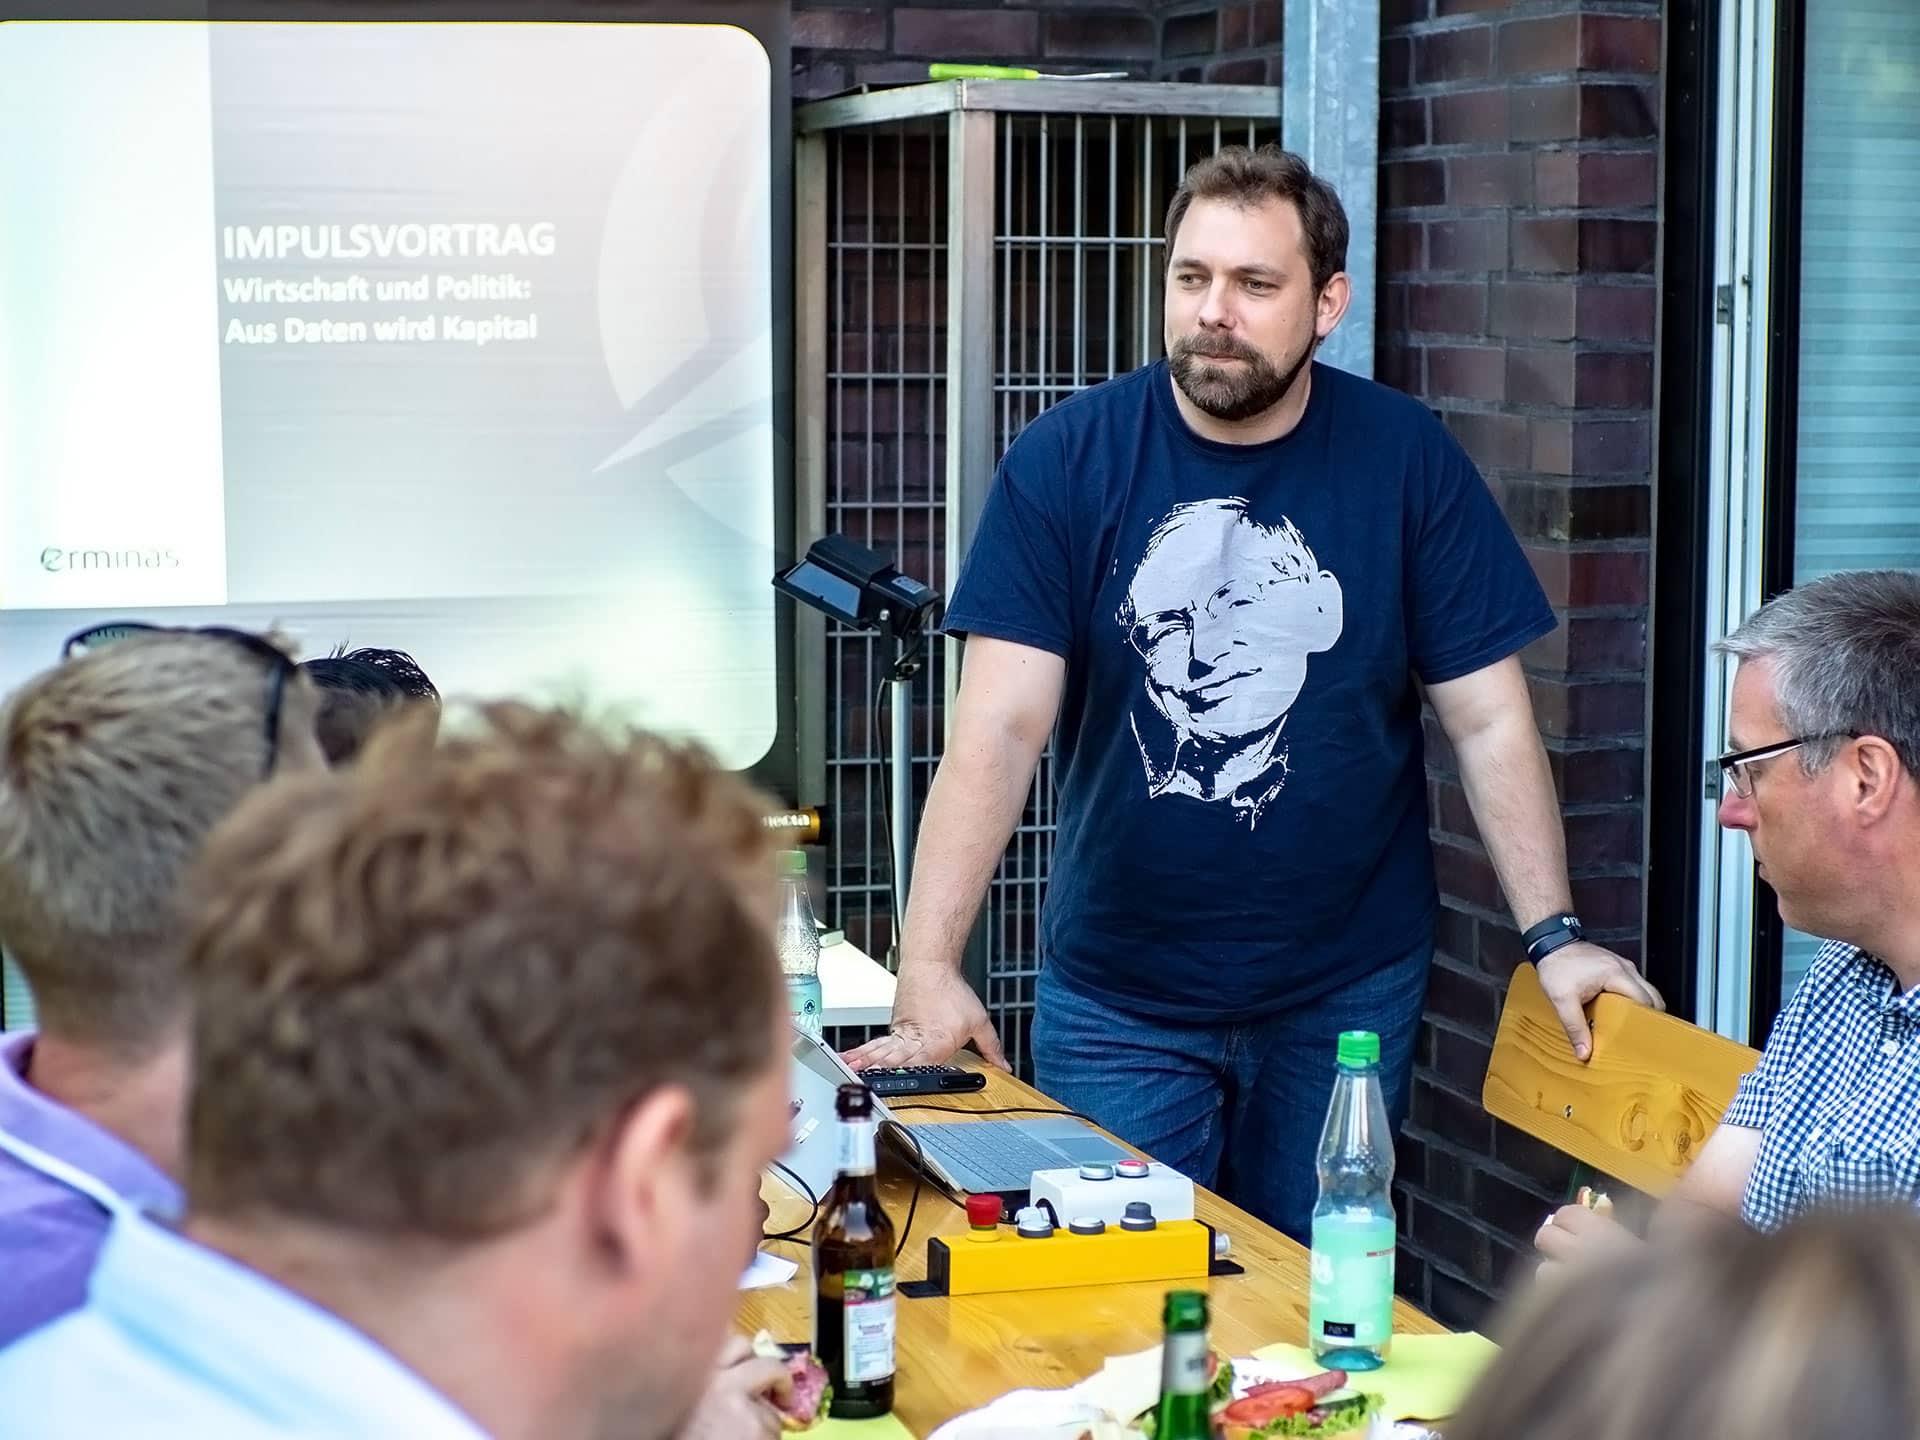 Boris Crismancich über Machine Learning beim erminas MeetUp